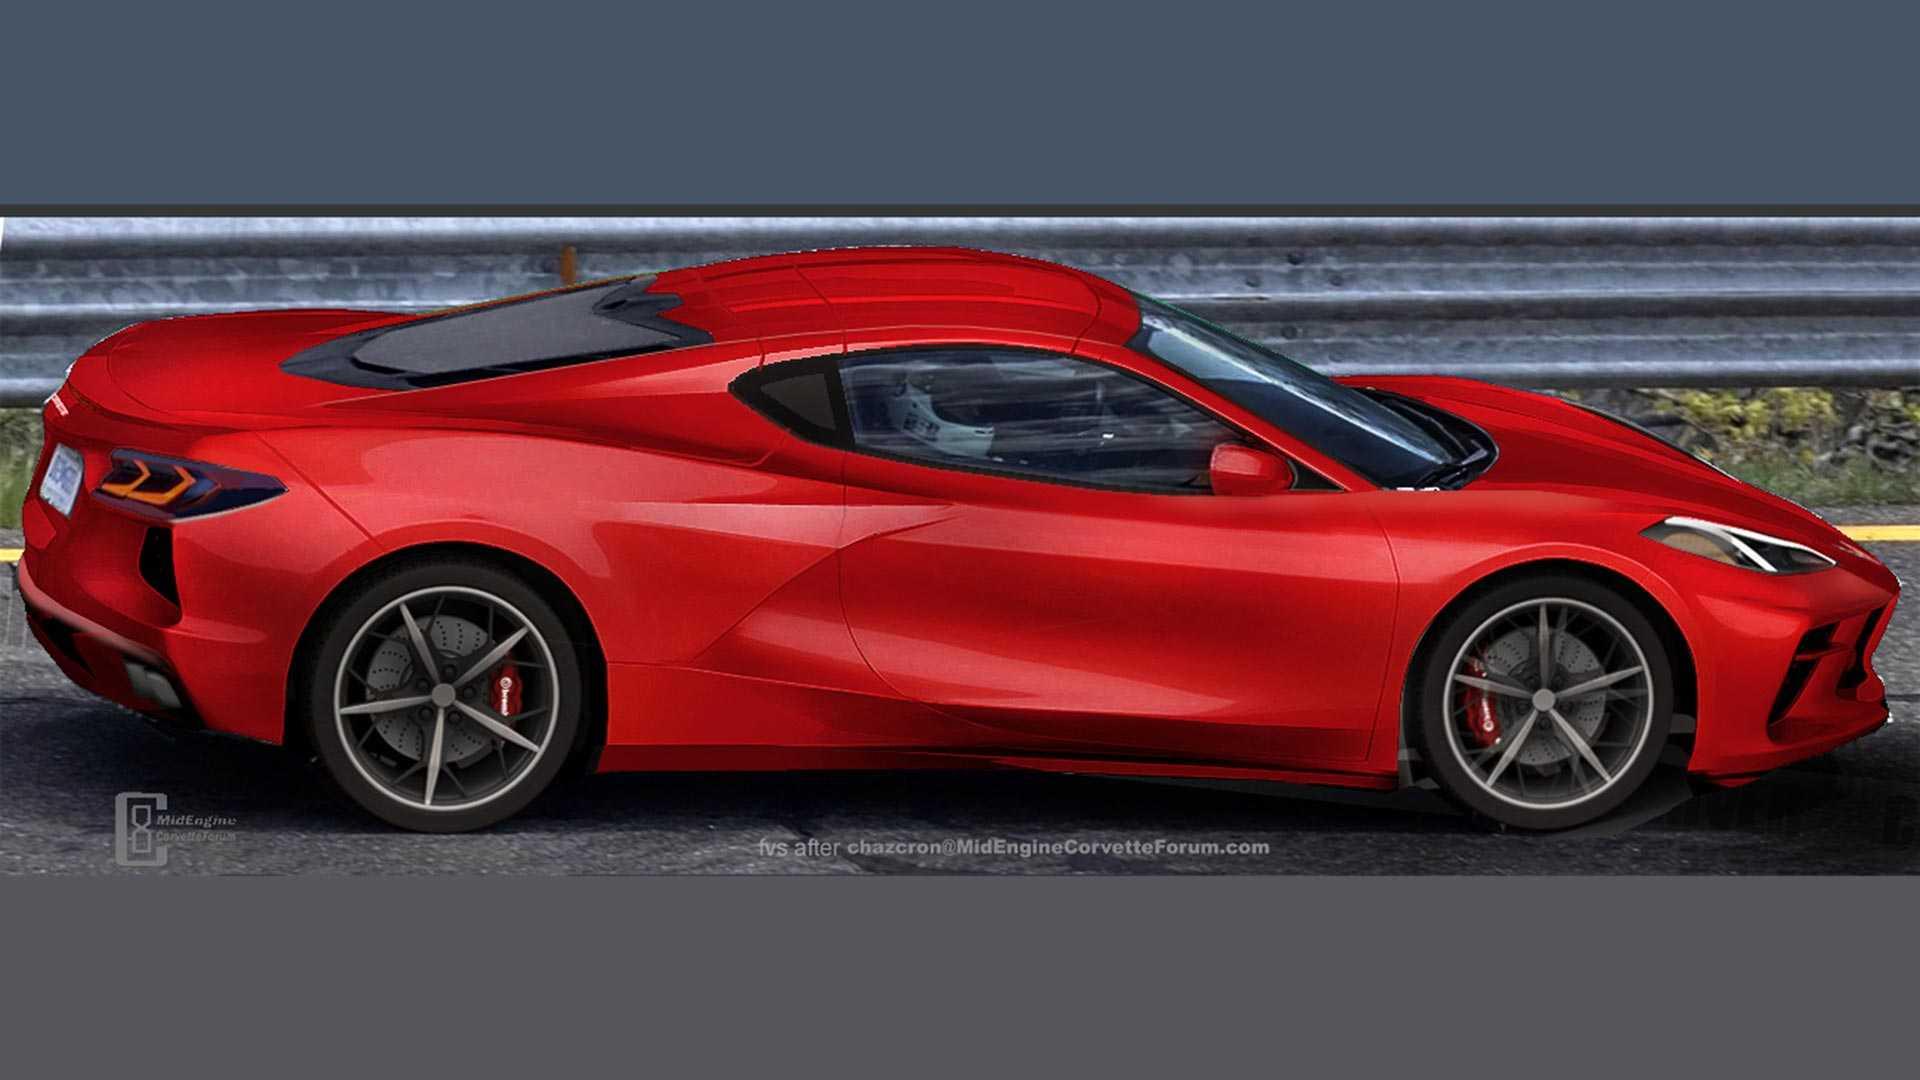 Este será el aspecto del nuevo Corvette de motor central